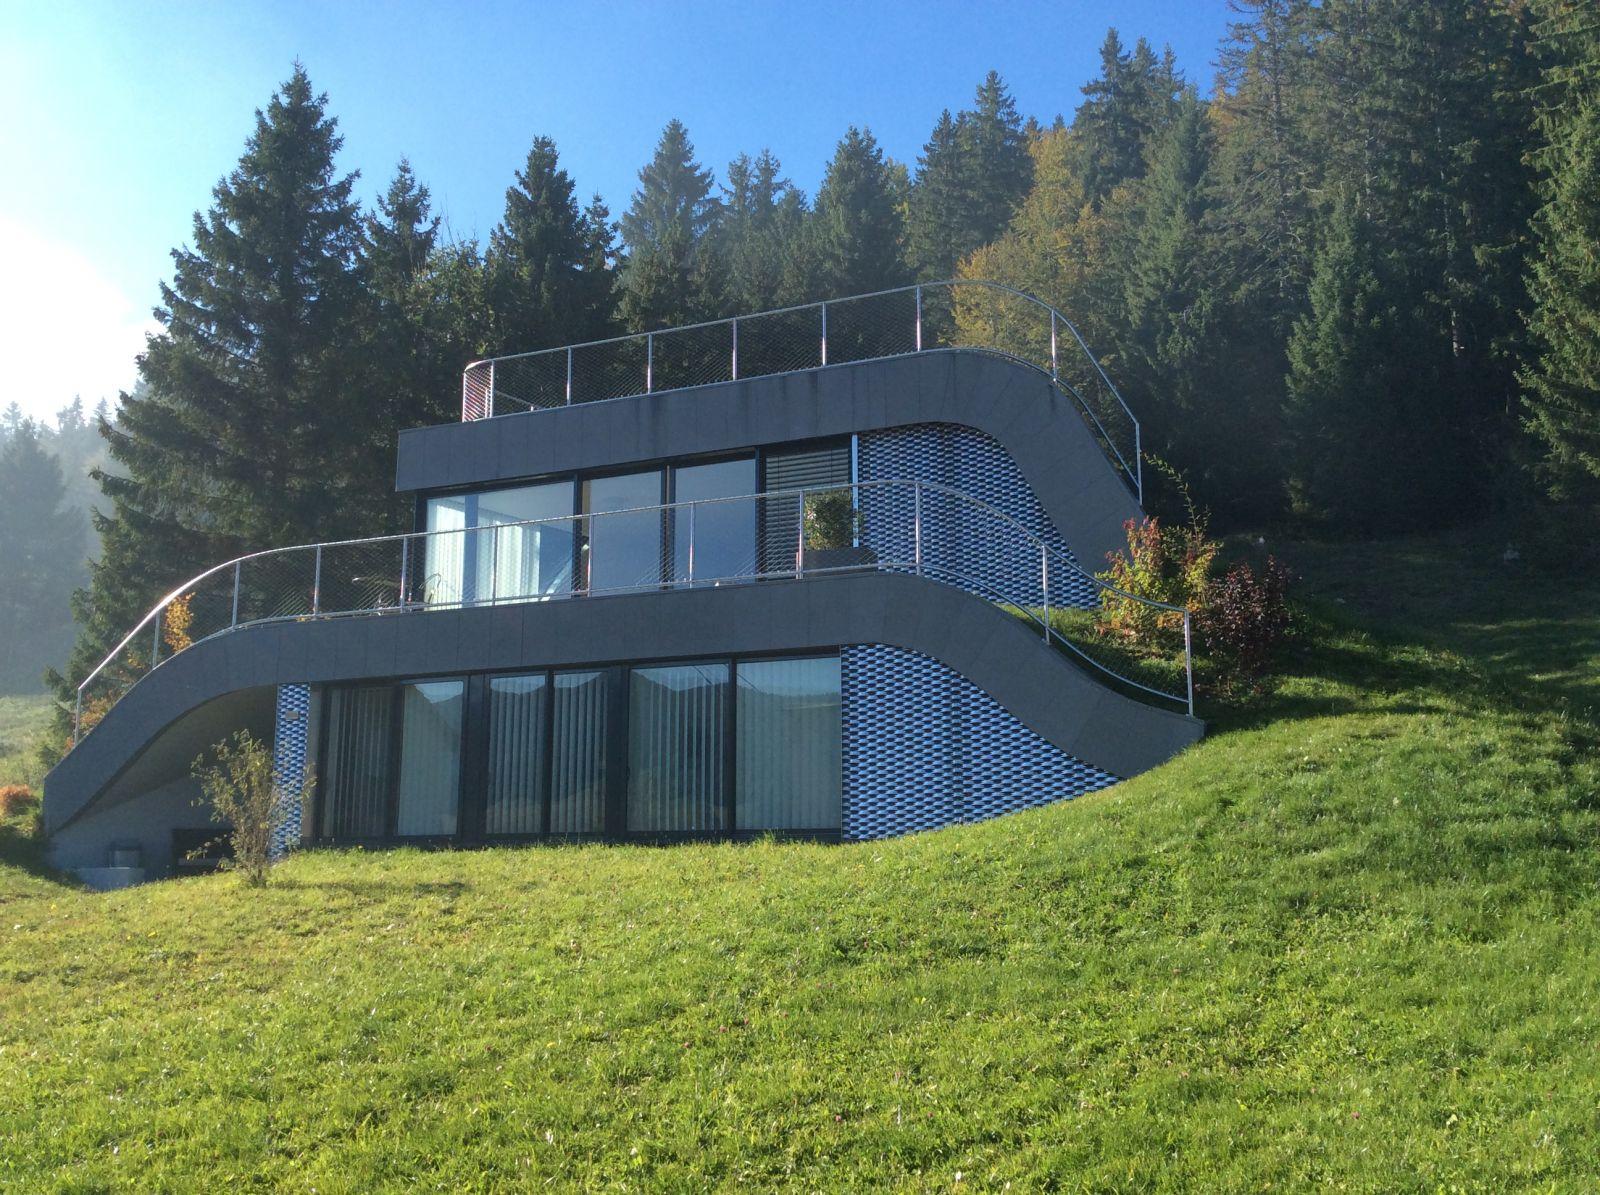 Construire une maison contemporaine maitre d 39 oeuvre lyon for Construire sa maison contemporaine